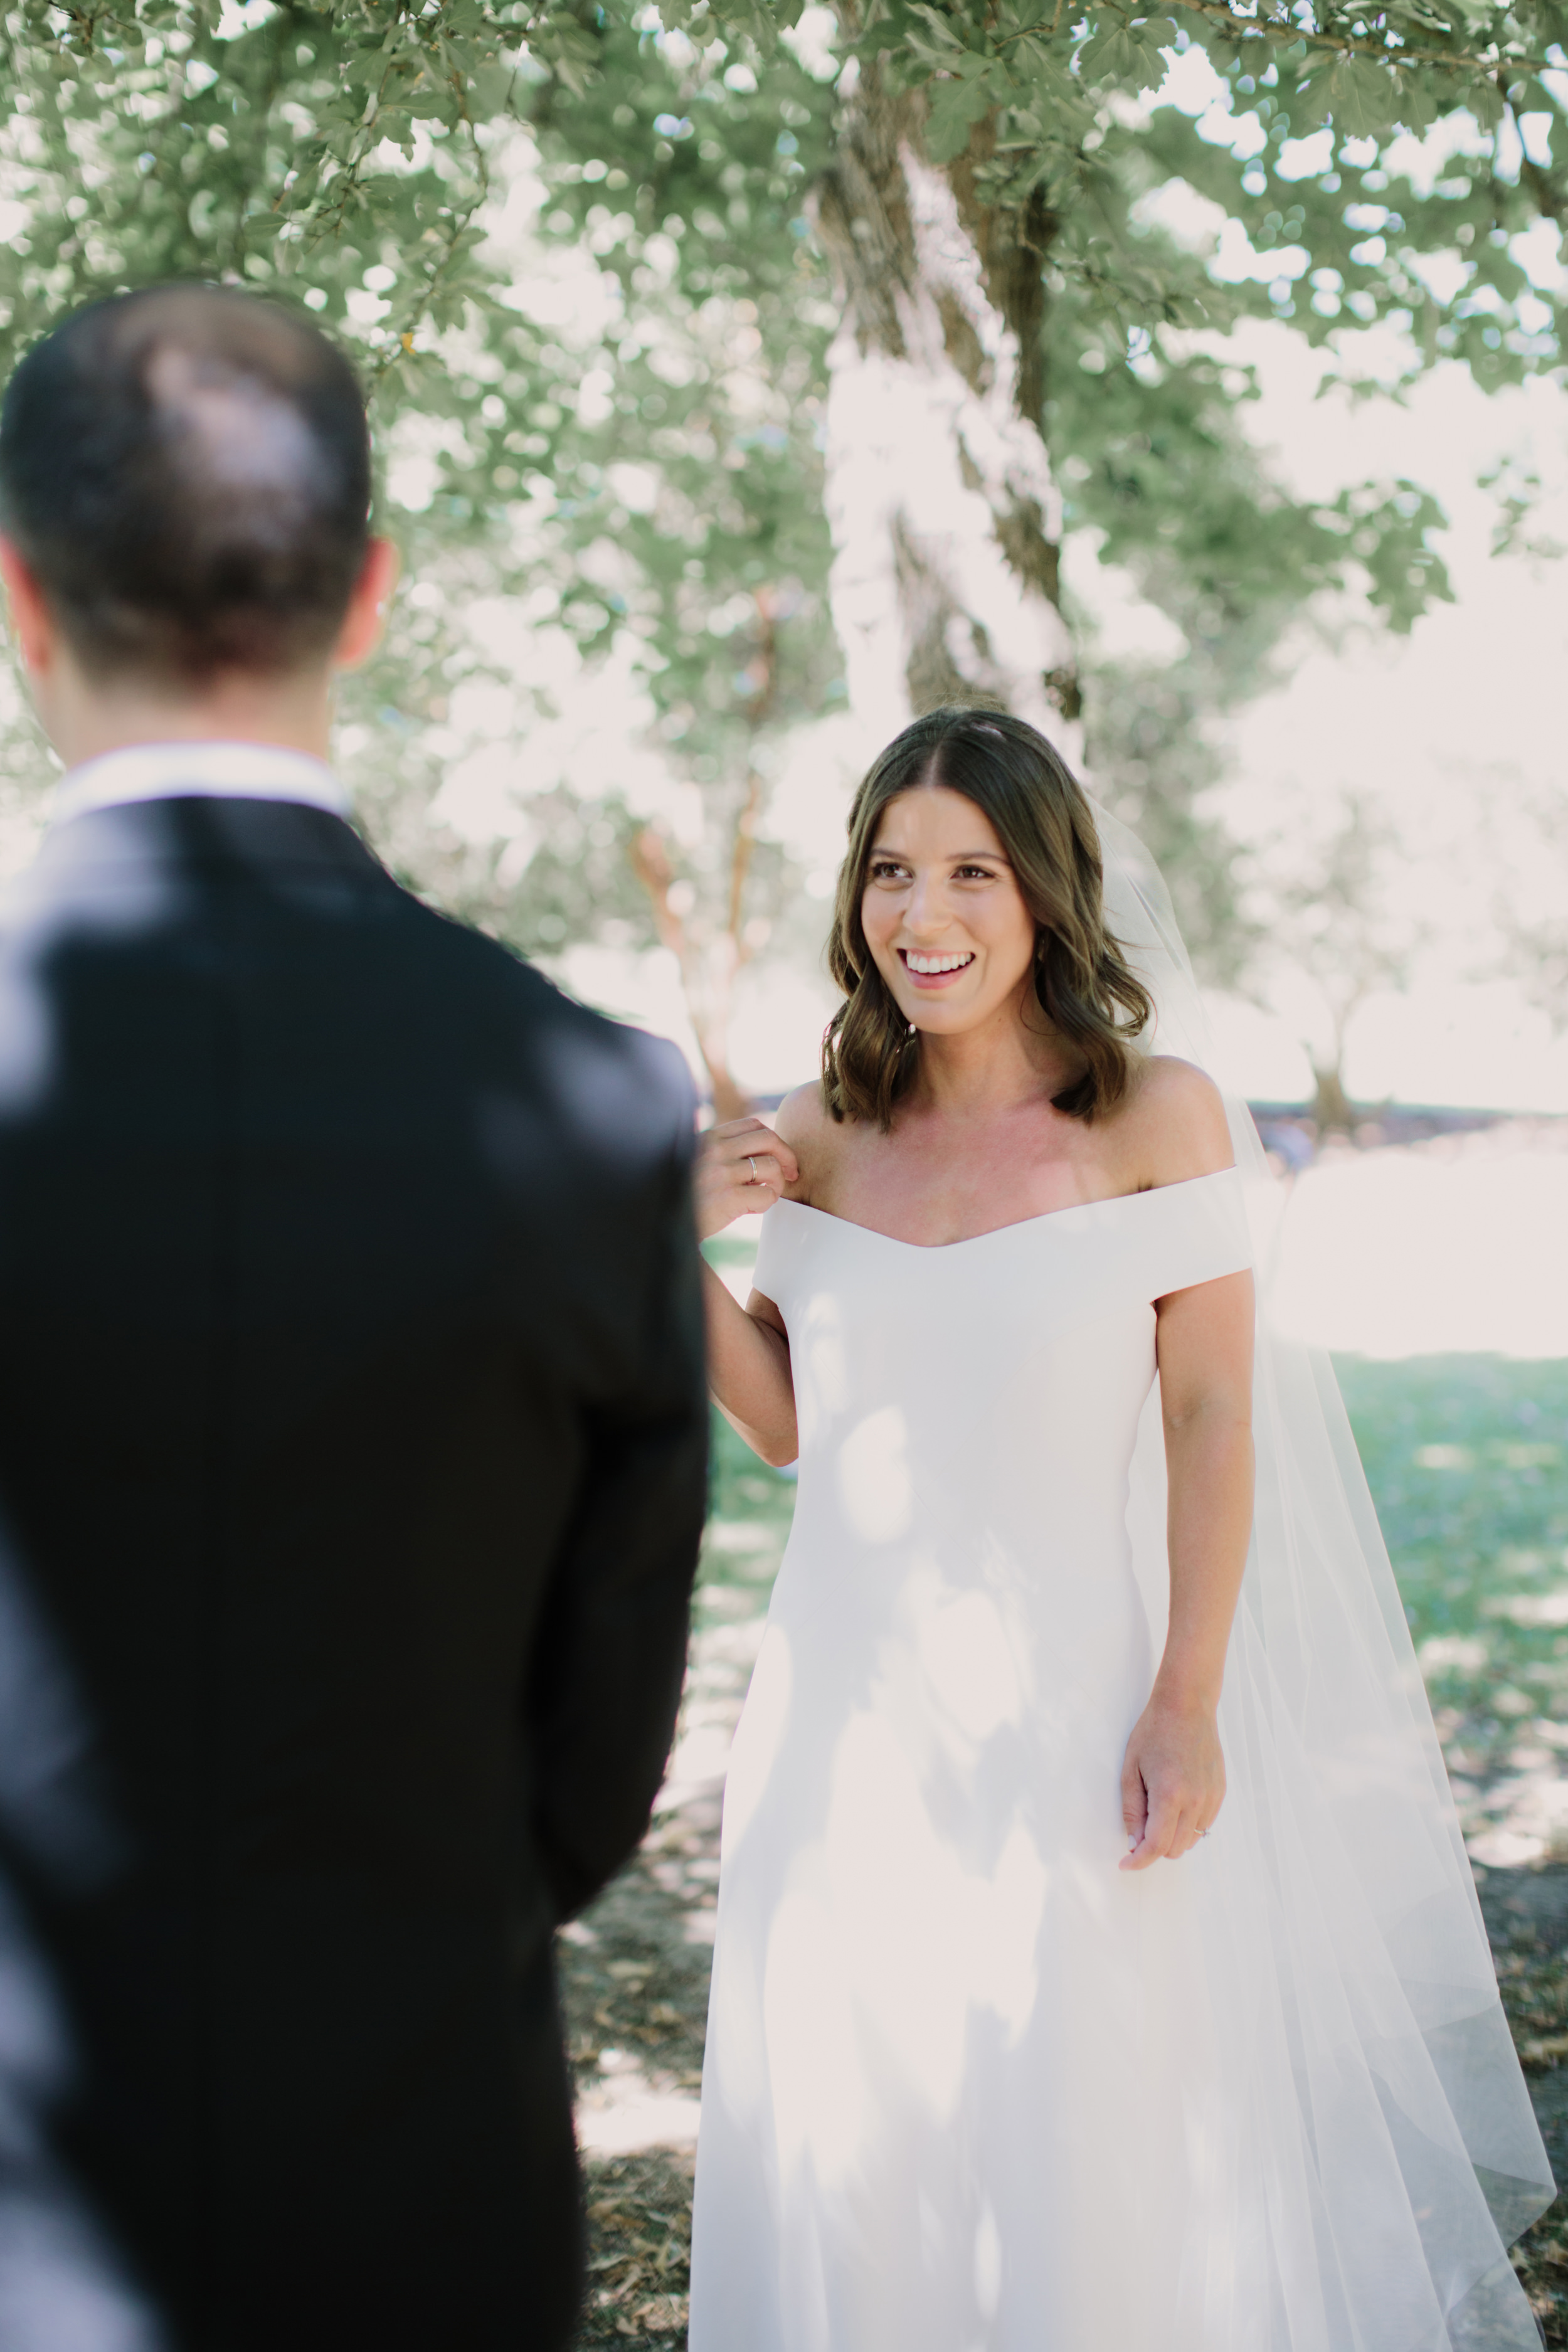 I-Got-You-Babe-Weddings-Flo-Jez-Heide-Boyd-Robyn0035.JPG